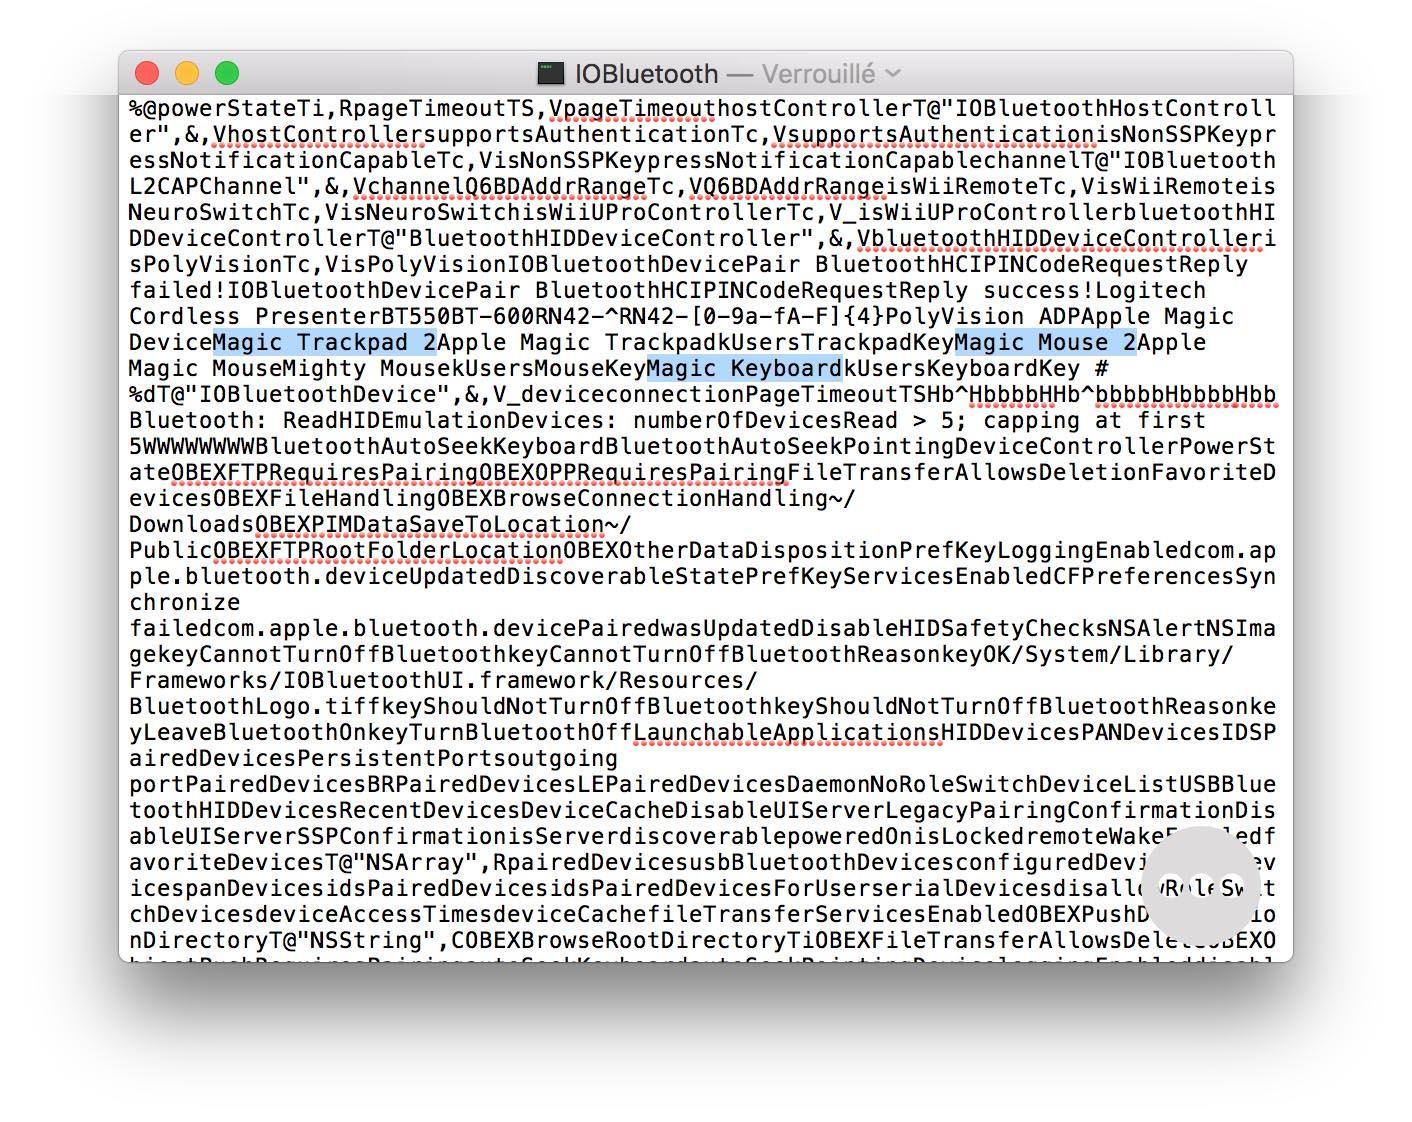 Código do OS X 10.11.1 beta 3 com referências a novos acessórios